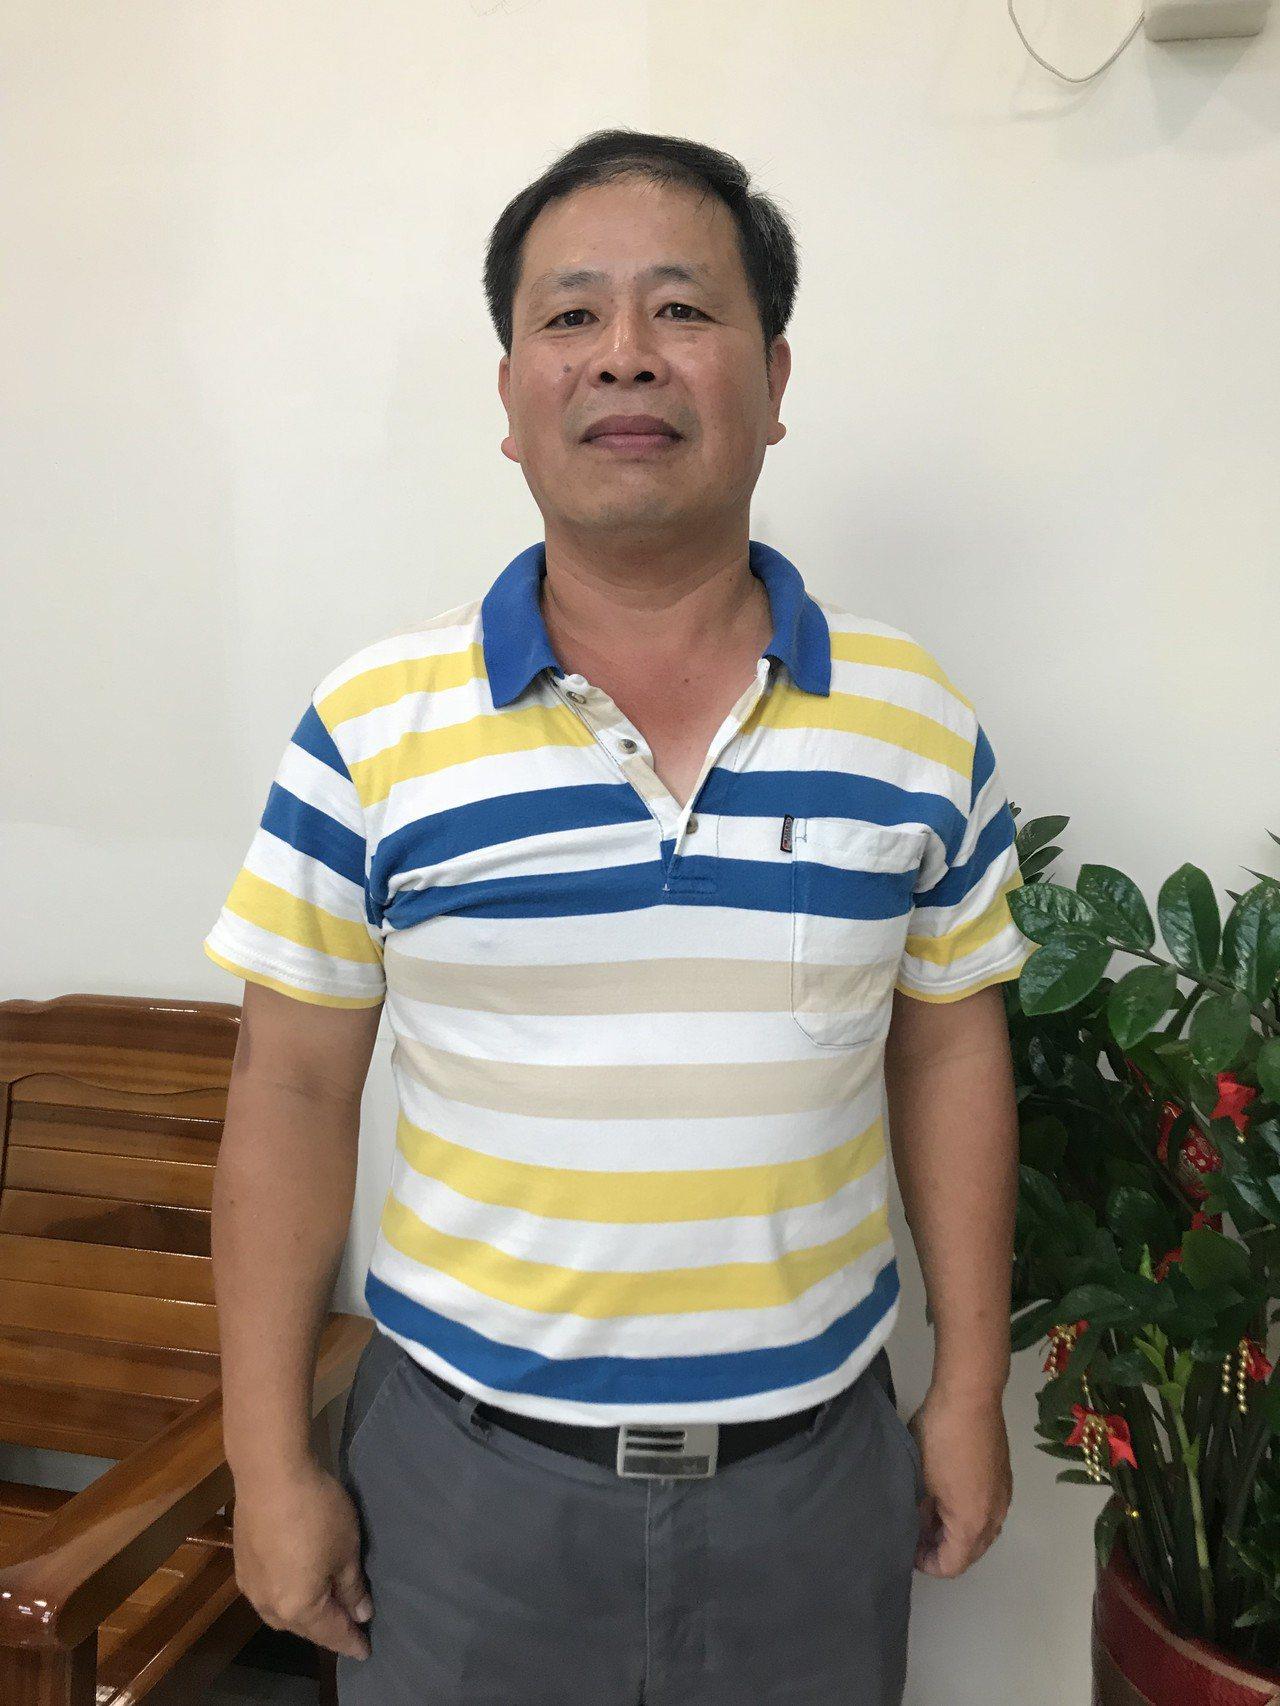 嘉義市警察局刑警大隊偵四隊小隊長吳文生從警28年,去年偵破多起毒品、詐欺和槍砲彈...